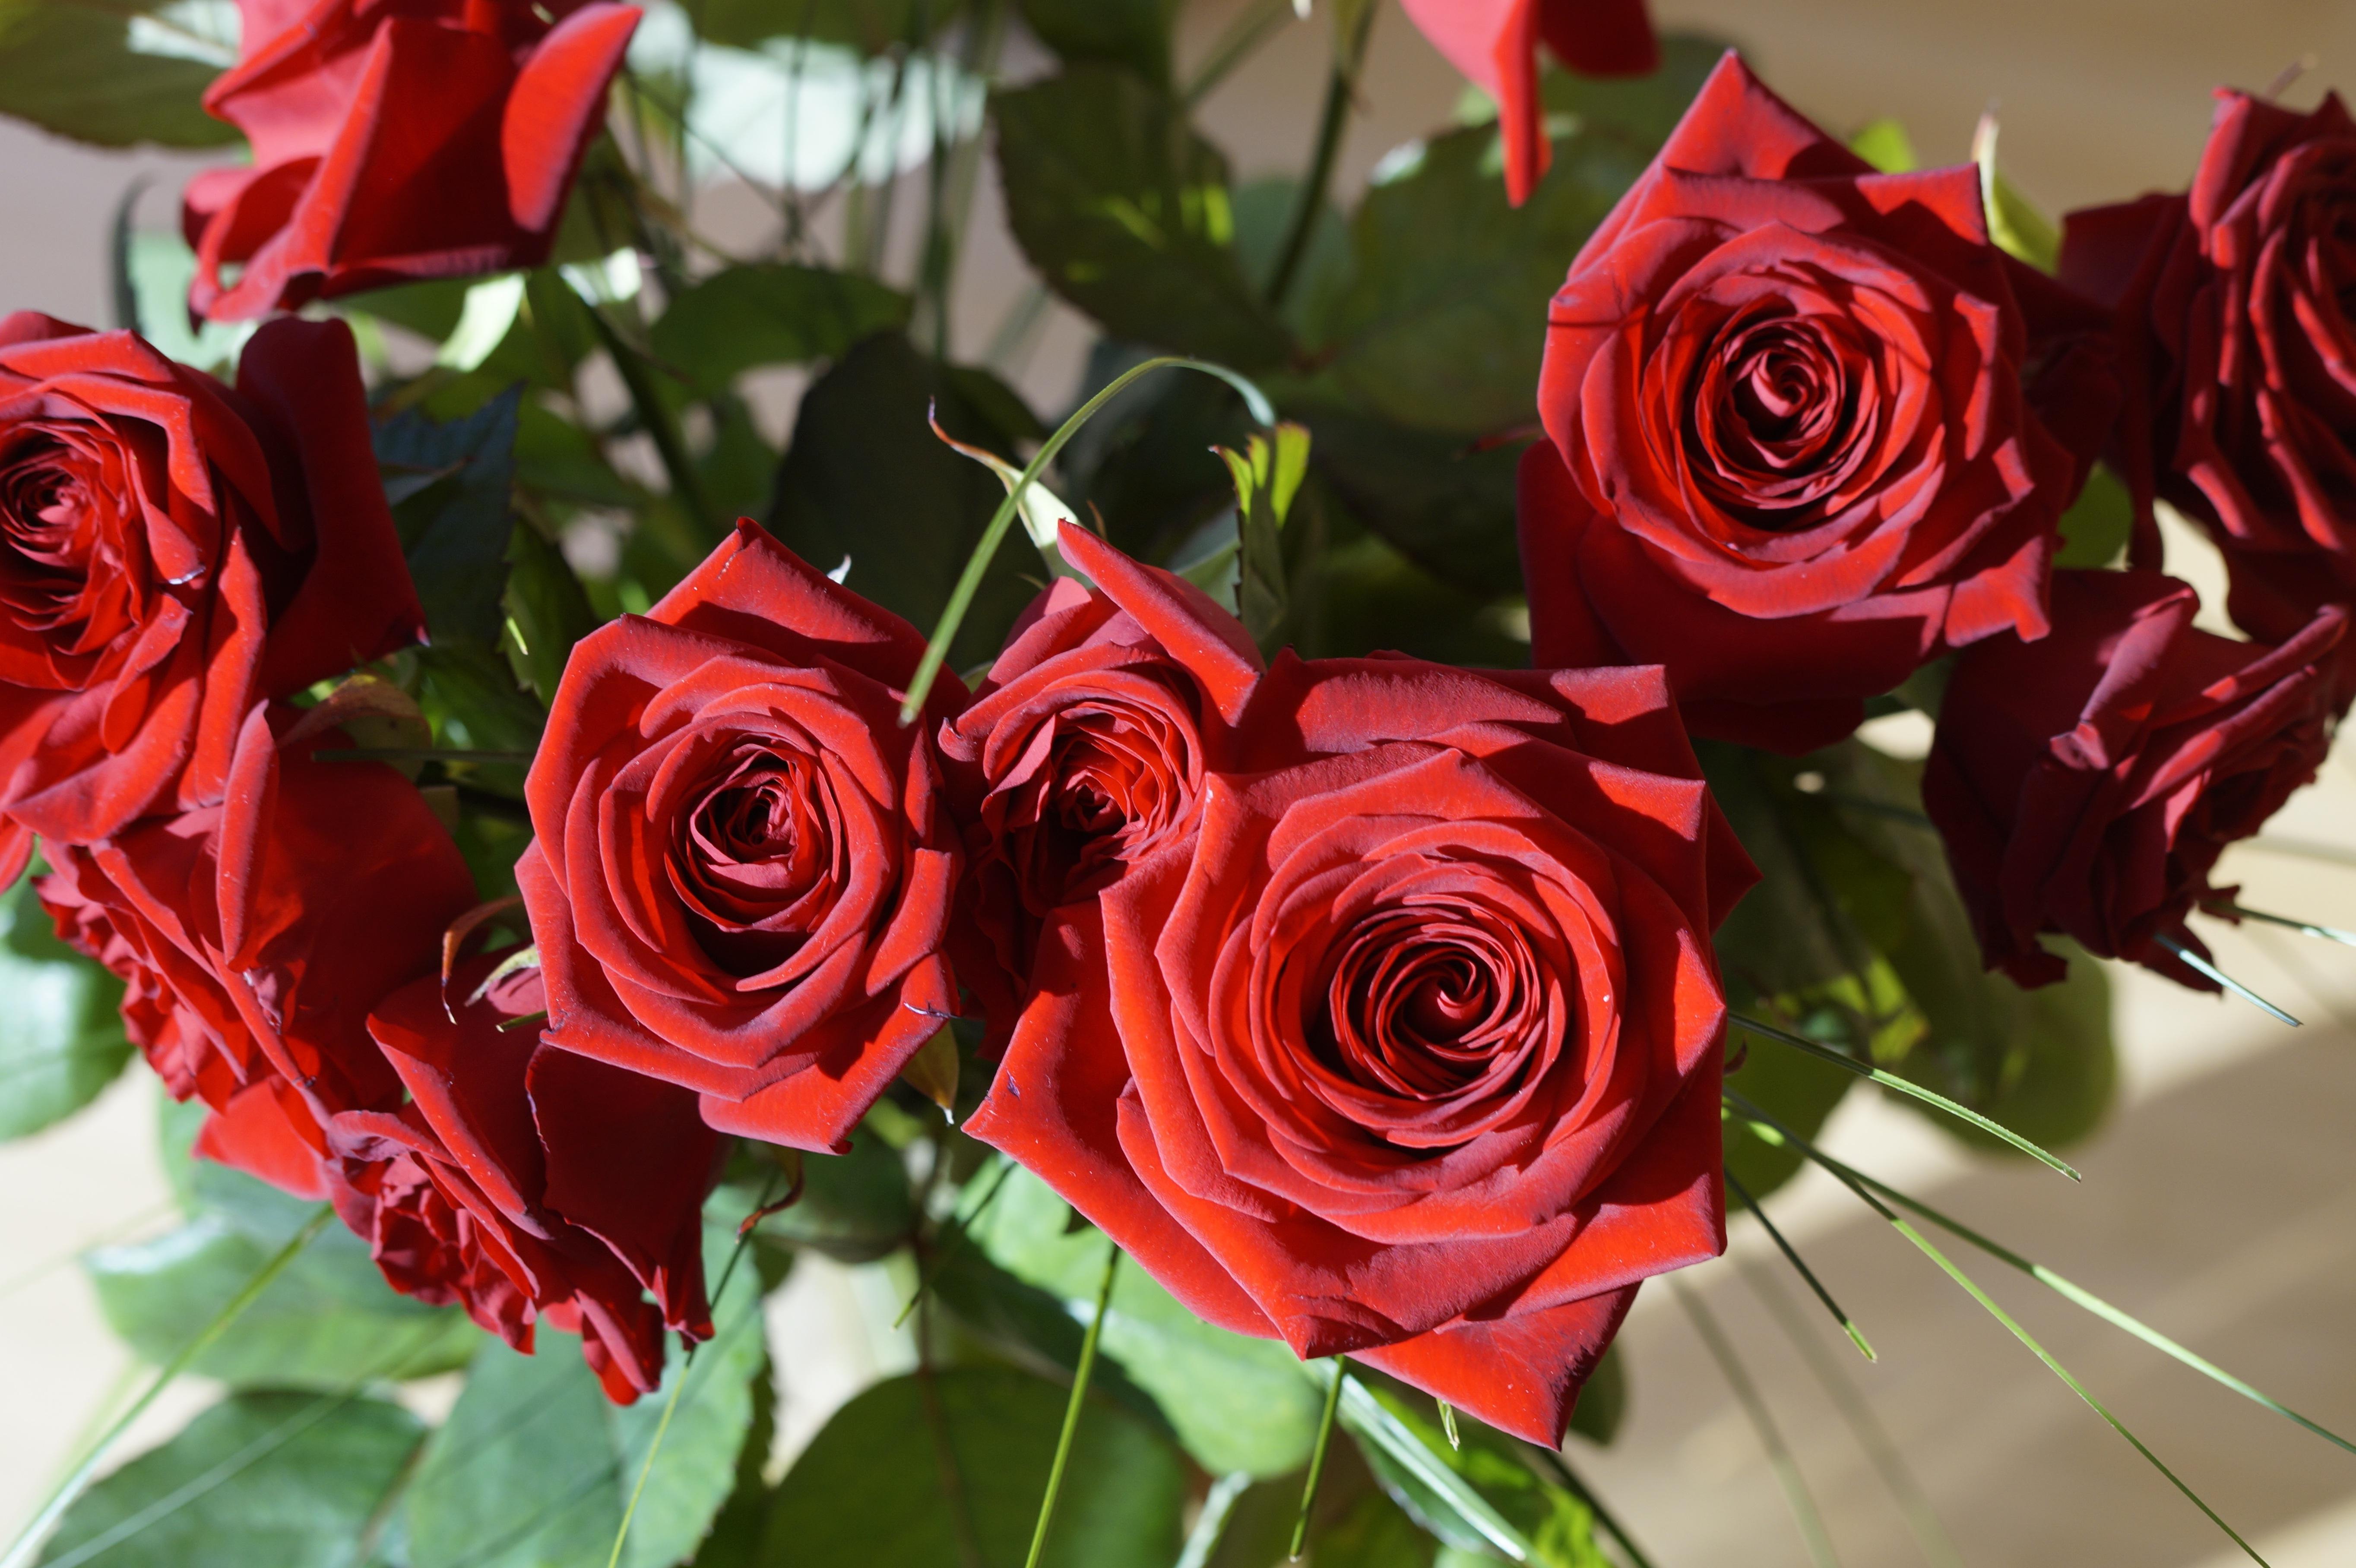 images gratuites : fleur, pétale, floraison, amour, romance